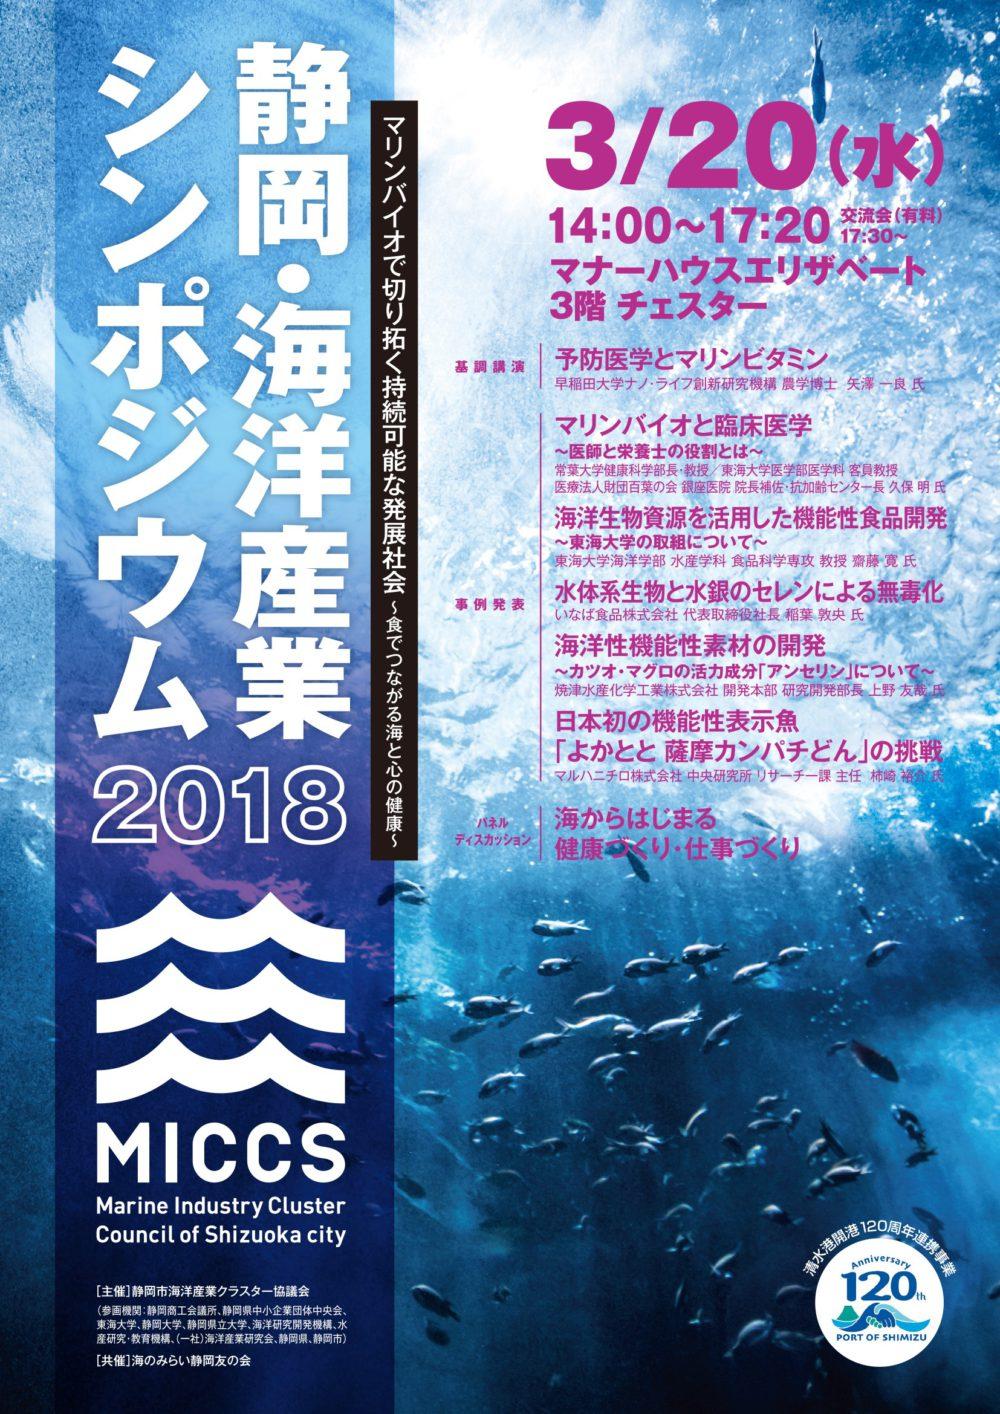 平成30年度 静岡・海洋産業シンポジウムを開催します。(参加無料)